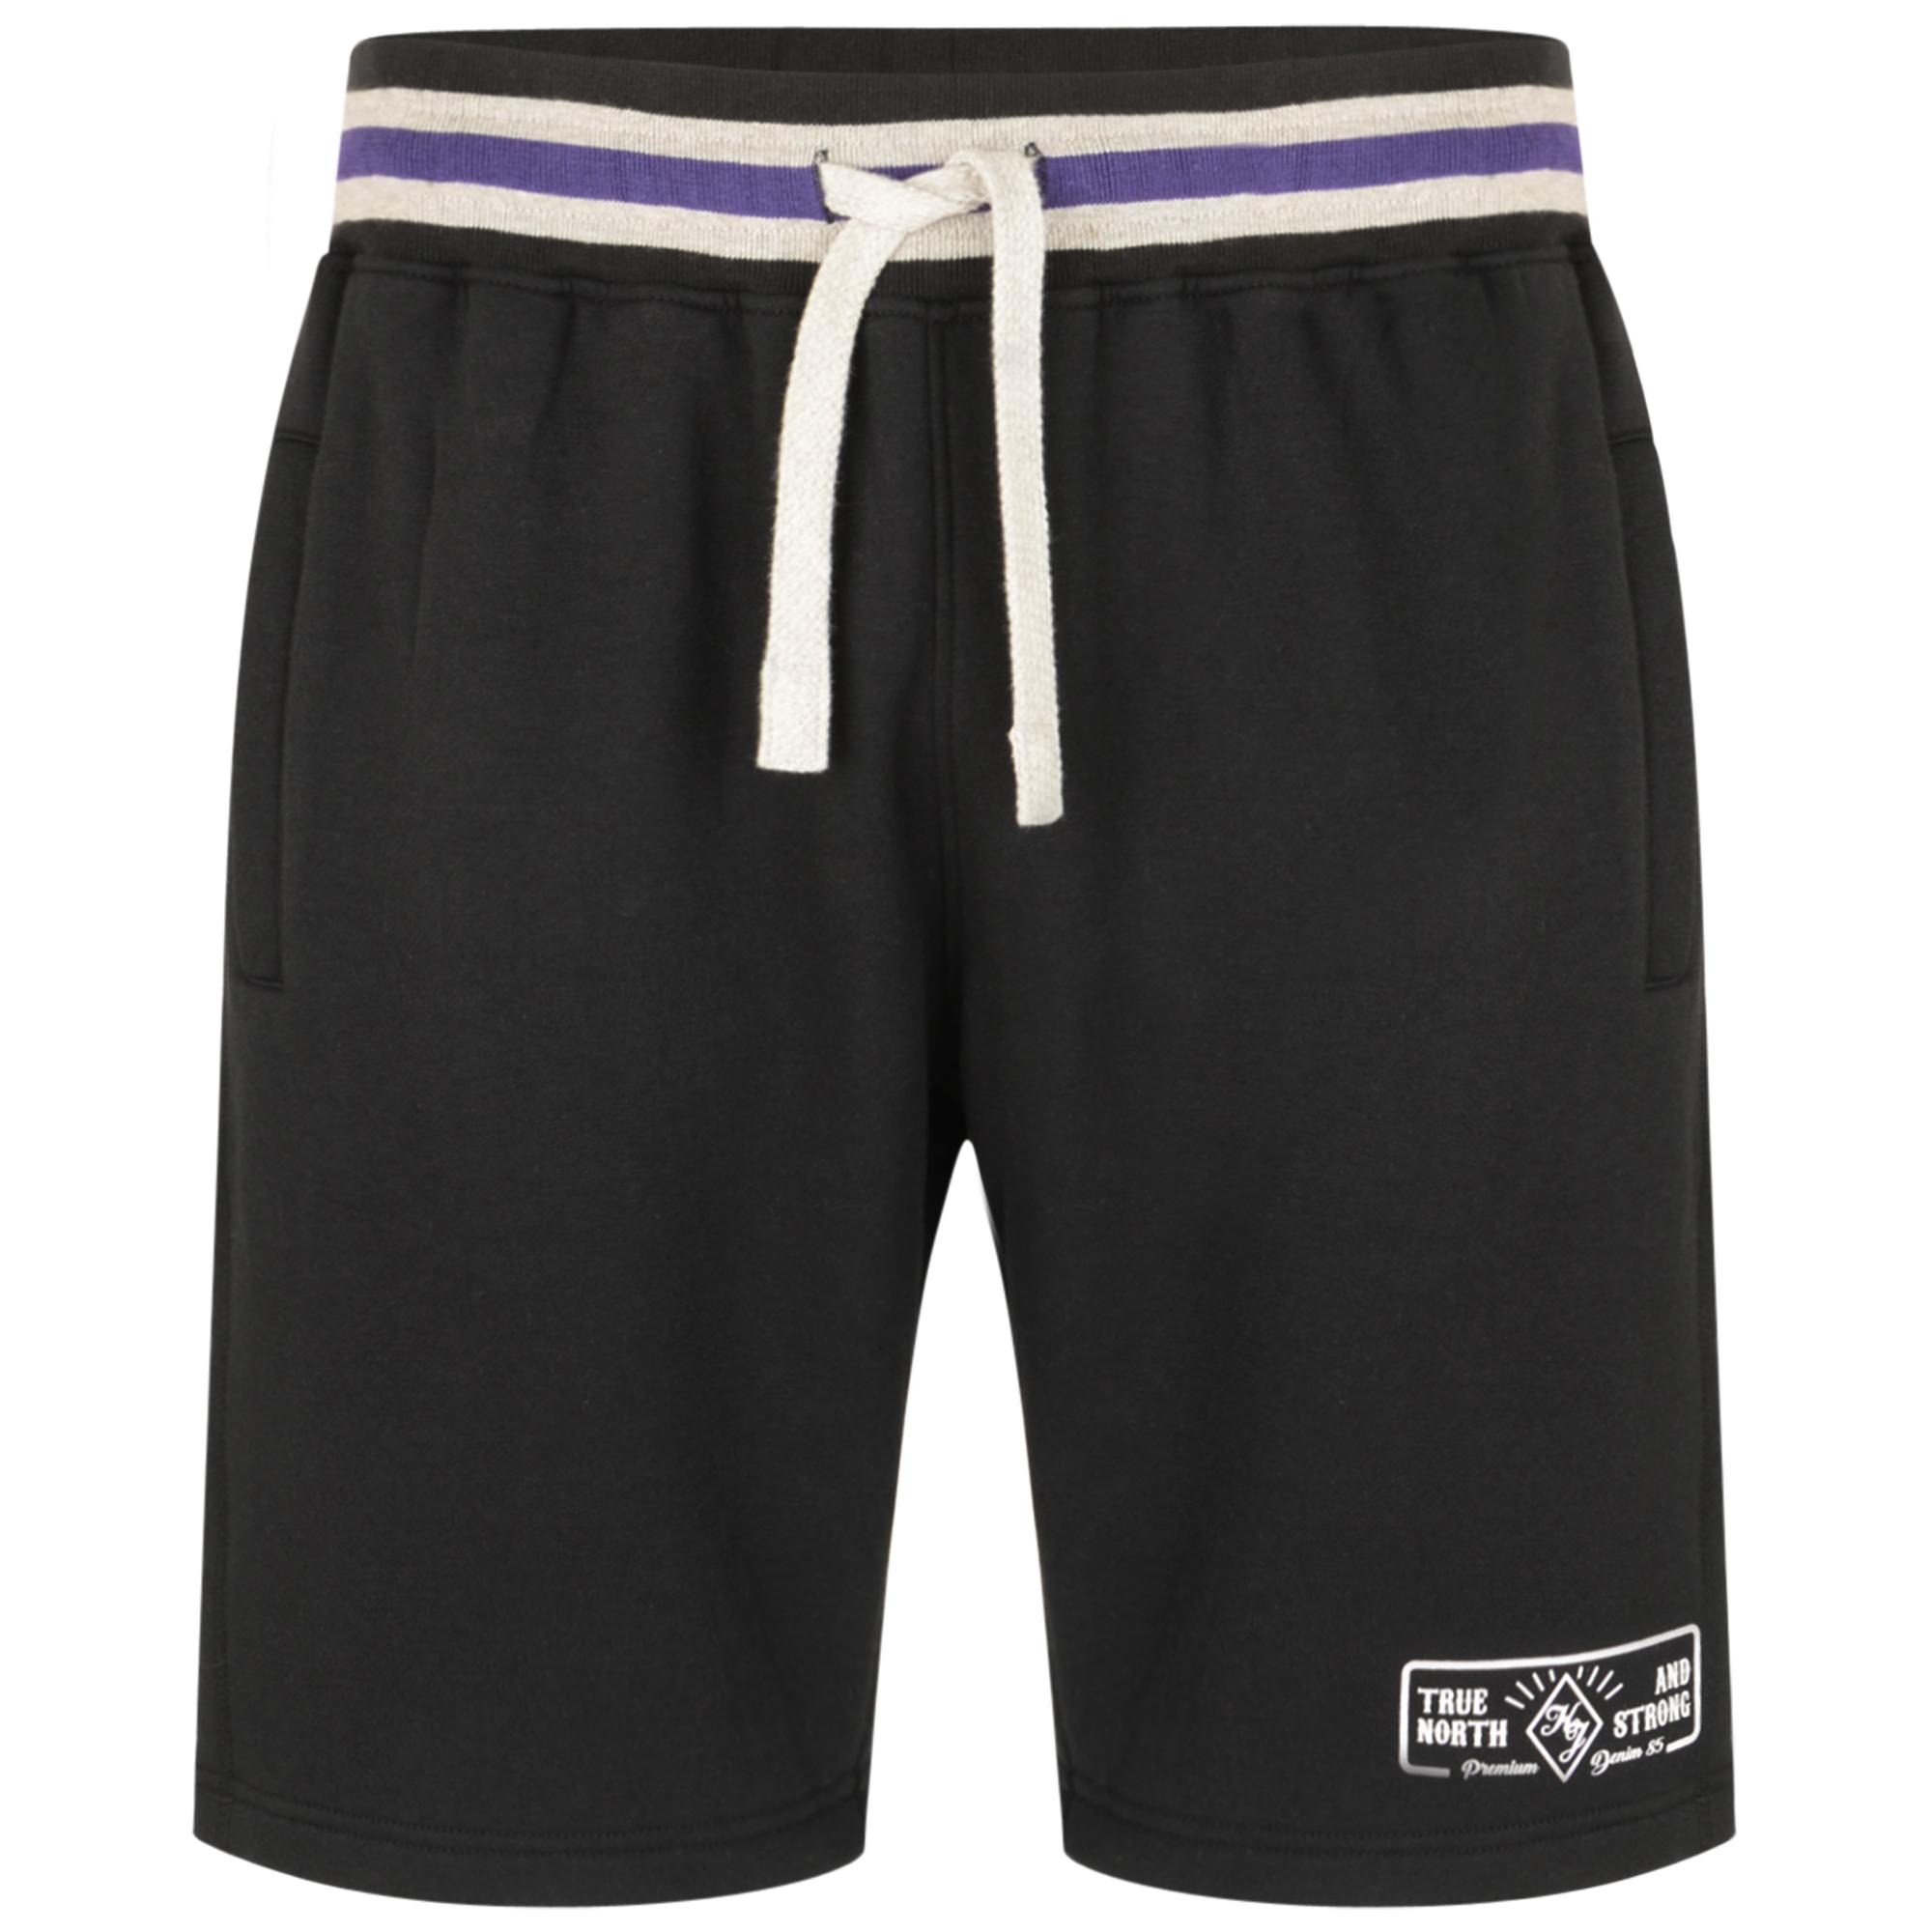 Jogging shorts van merk KAM Jeanswear in de kleur zwart, gemaakt van 65% cotton 35% polyester. Fijne zachte stof met hoog draagcomfort. Elastische band met trekkoord, print op linkerpijp